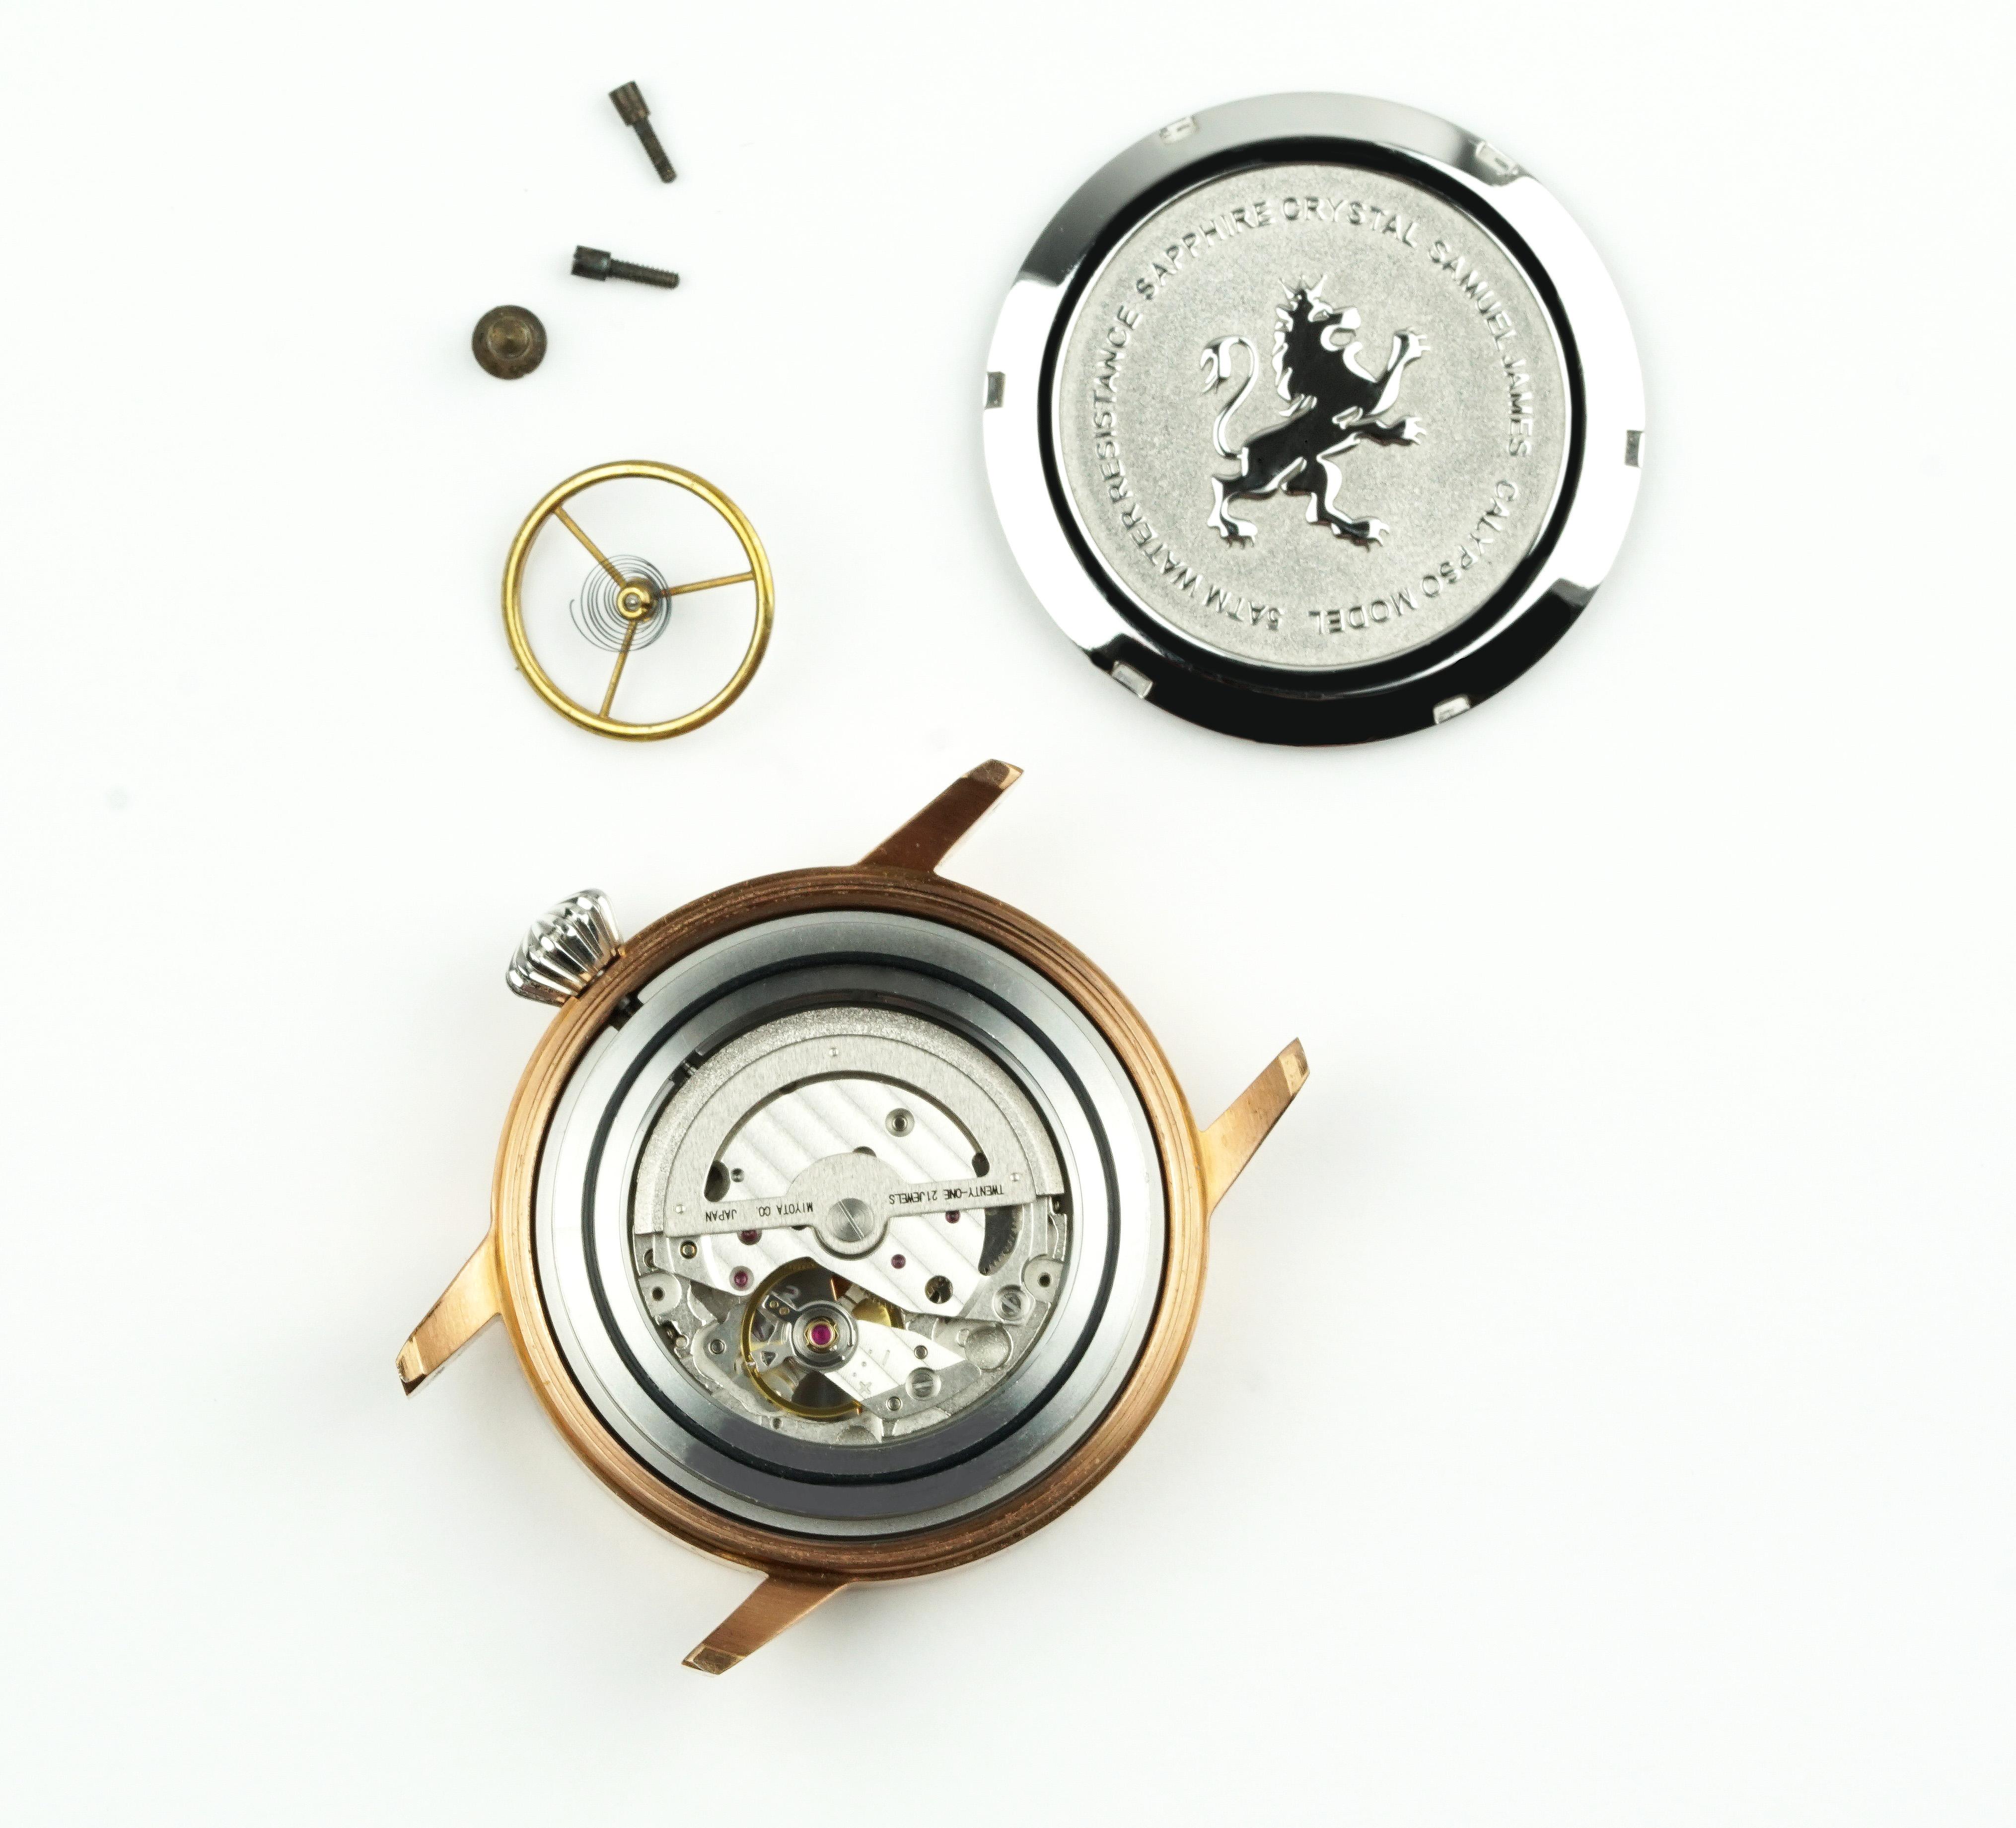 Samuel James Watches Timepiece